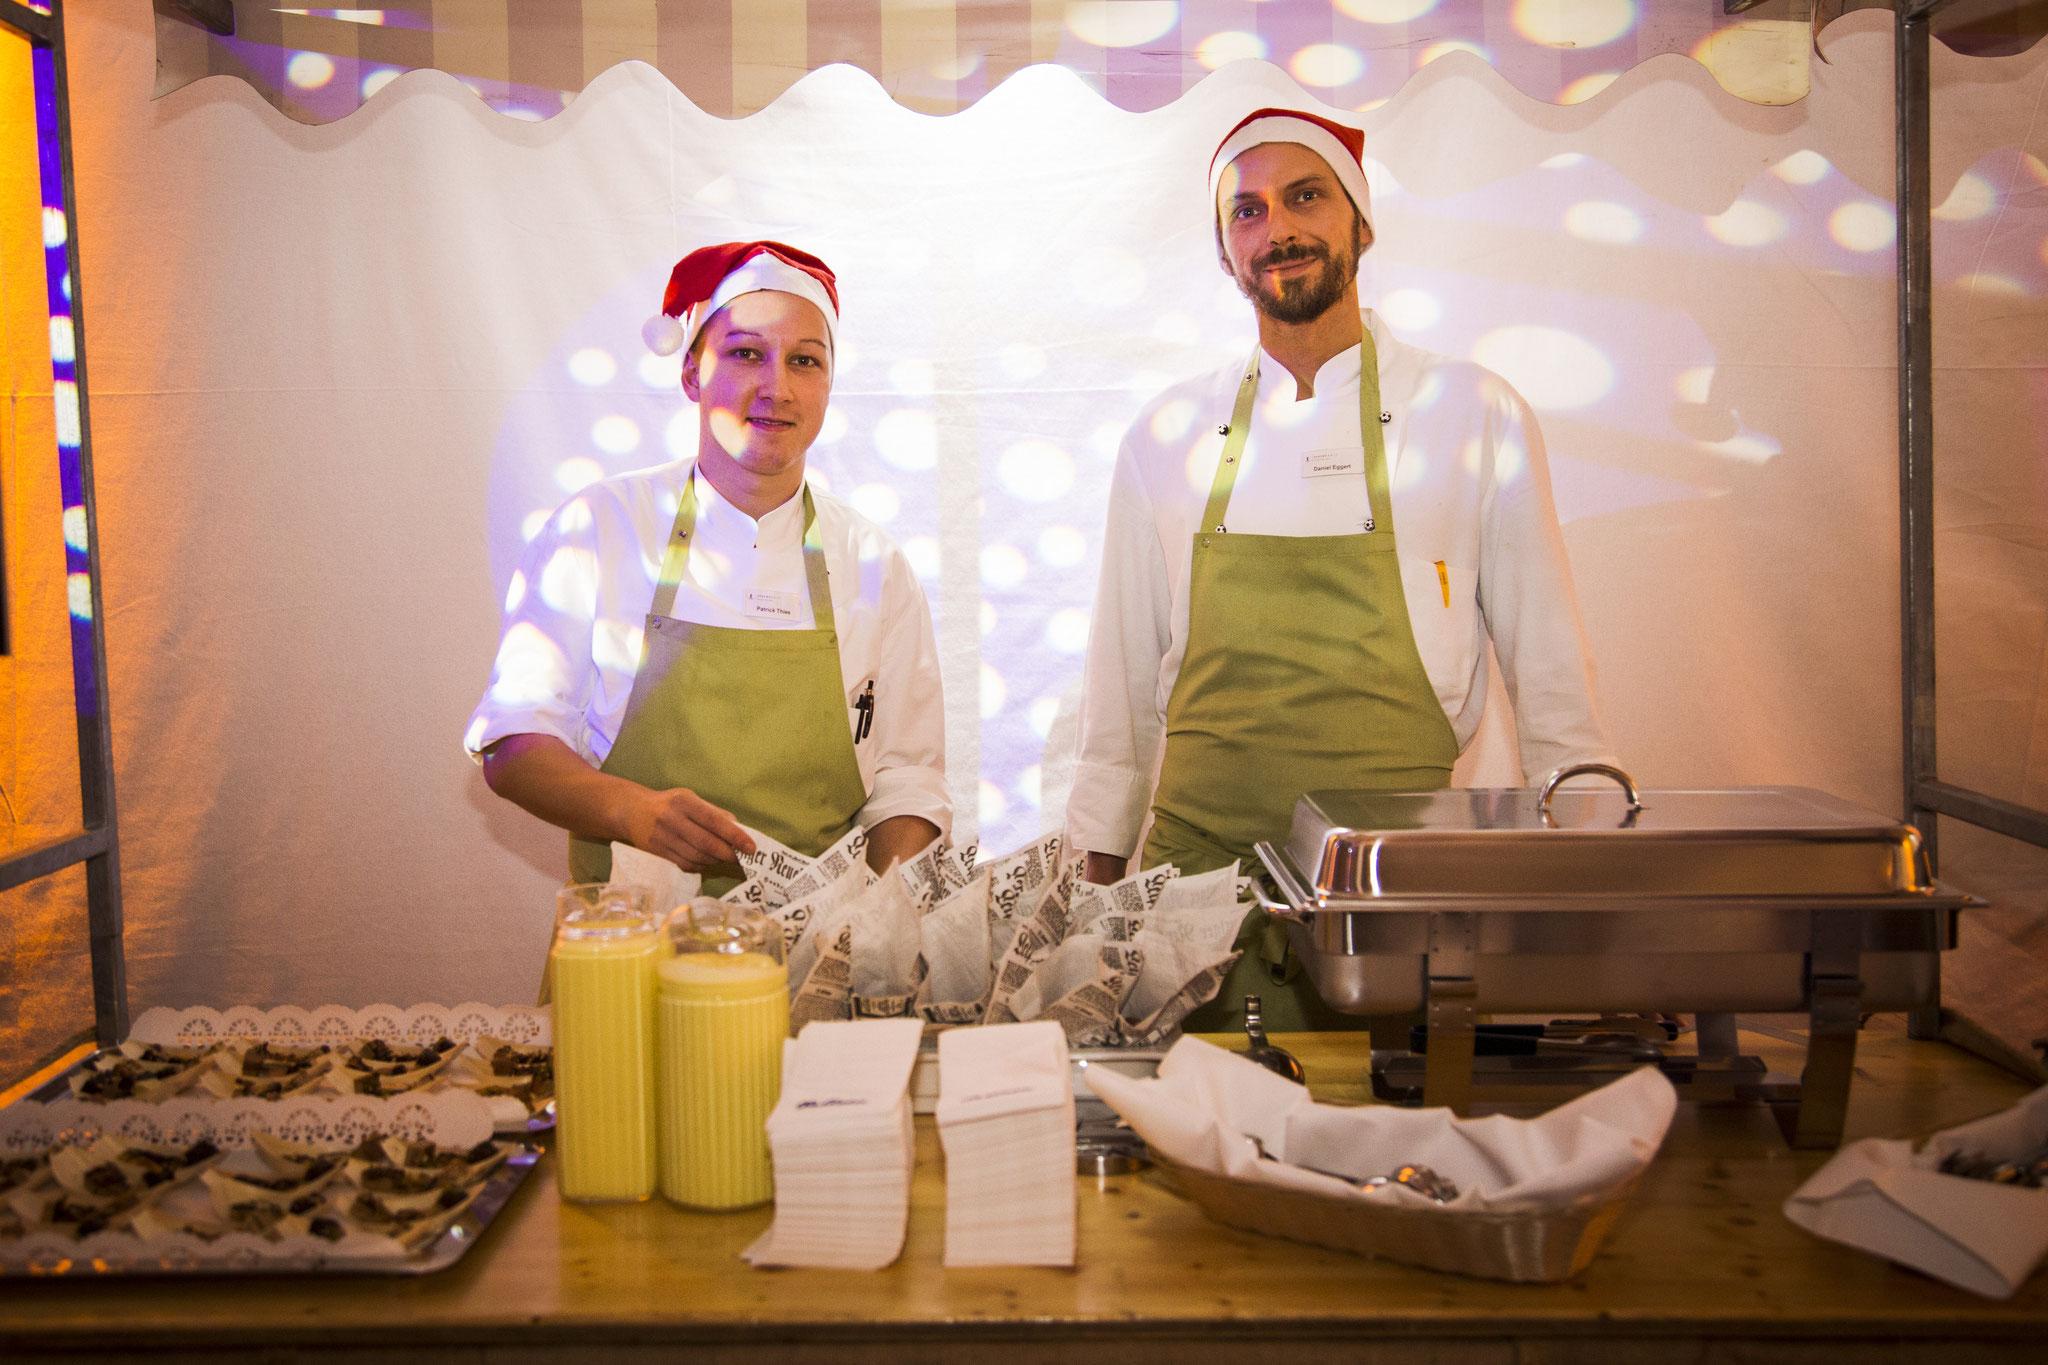 Köche mit leckerem Live Catering an Indoorständen in Köln